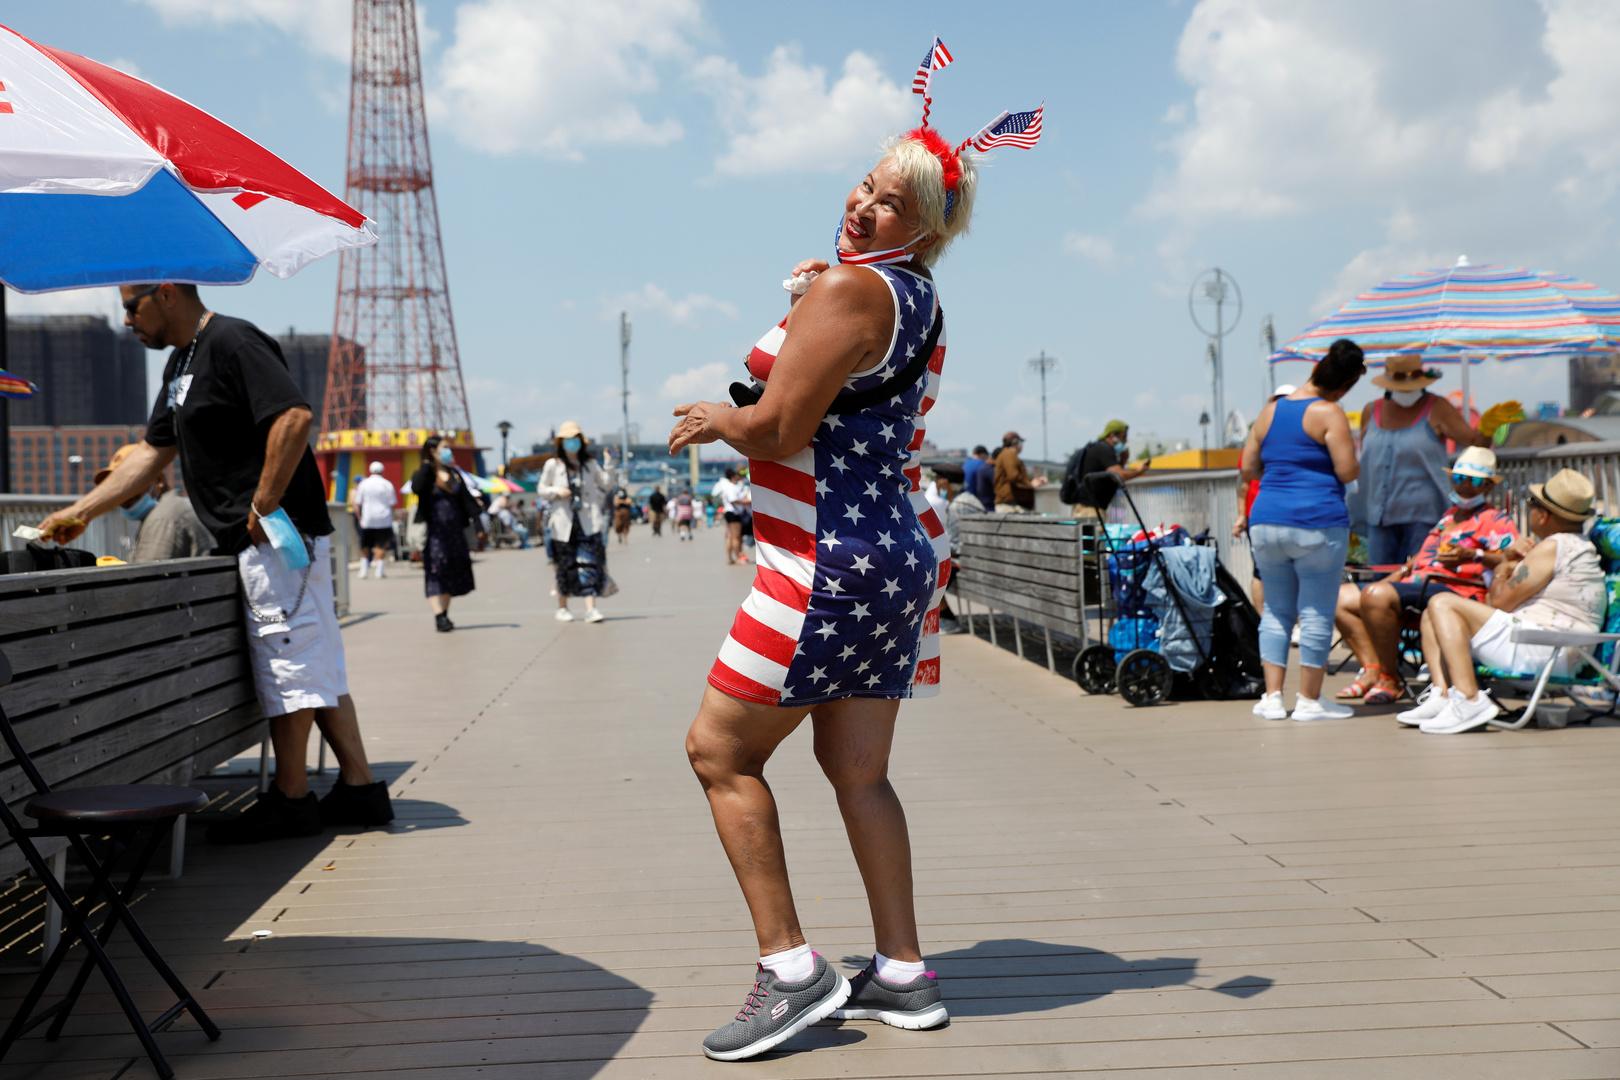 احتفالات بعيد الاستقلال في نيويورك